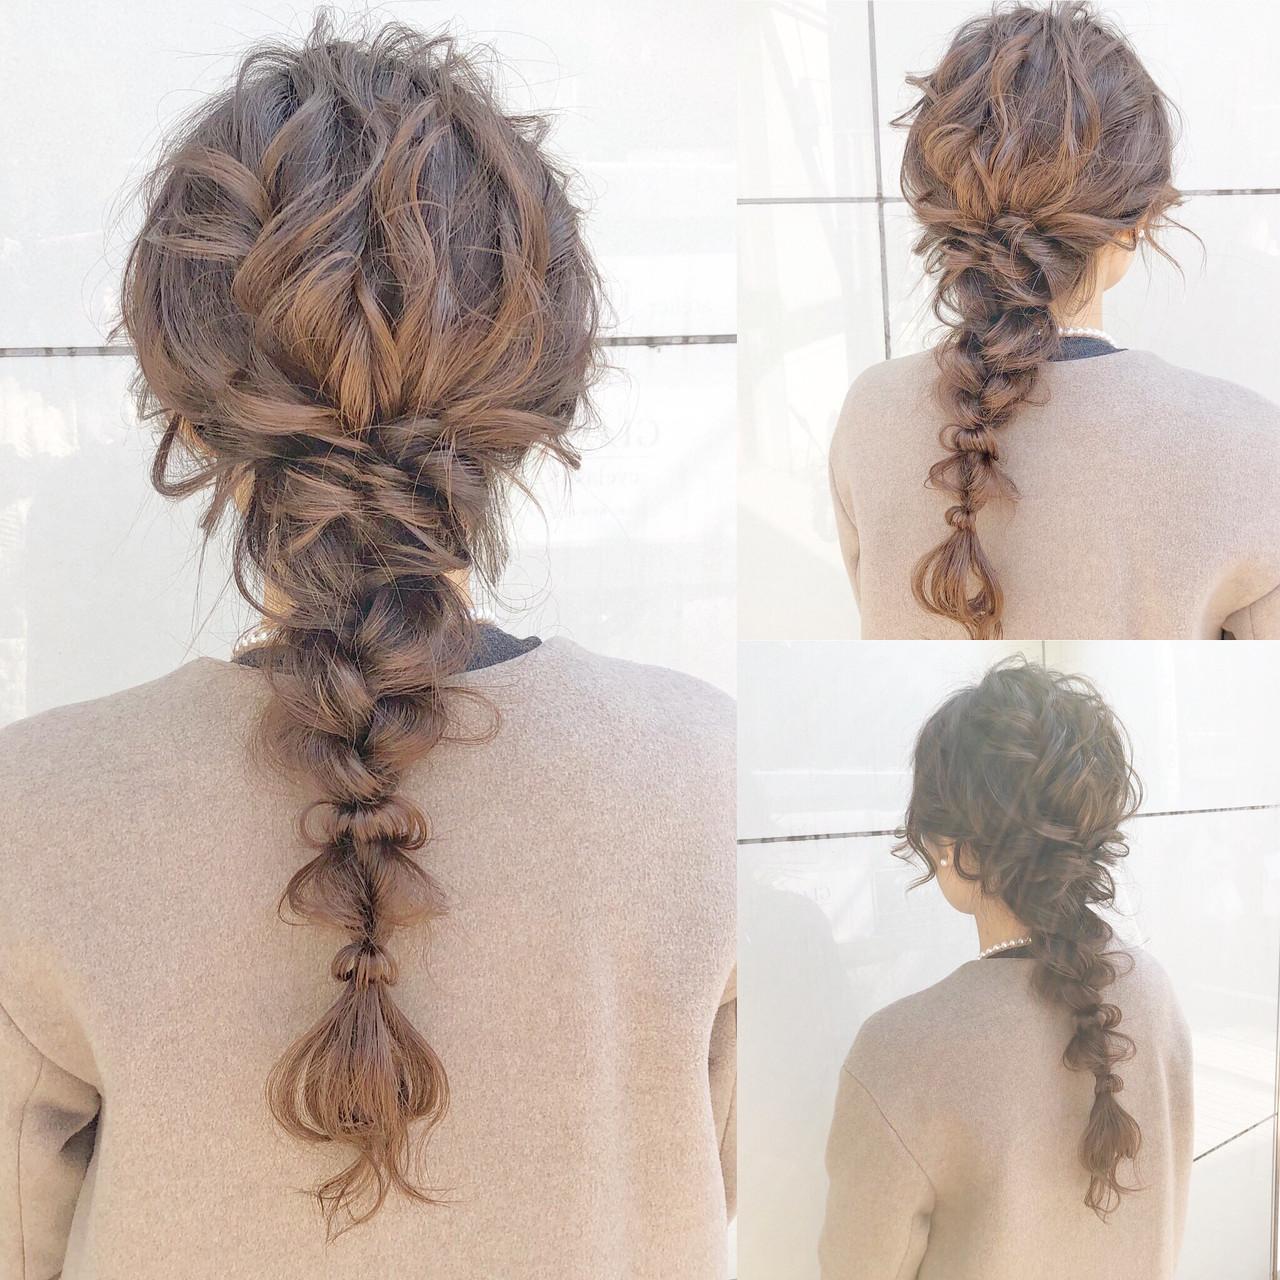 結婚式 ヘアアレンジ フェミニン ロング ヘアスタイルや髪型の写真・画像 | 『ボブ美容師』永田邦彦 表参道 / send by HAIR